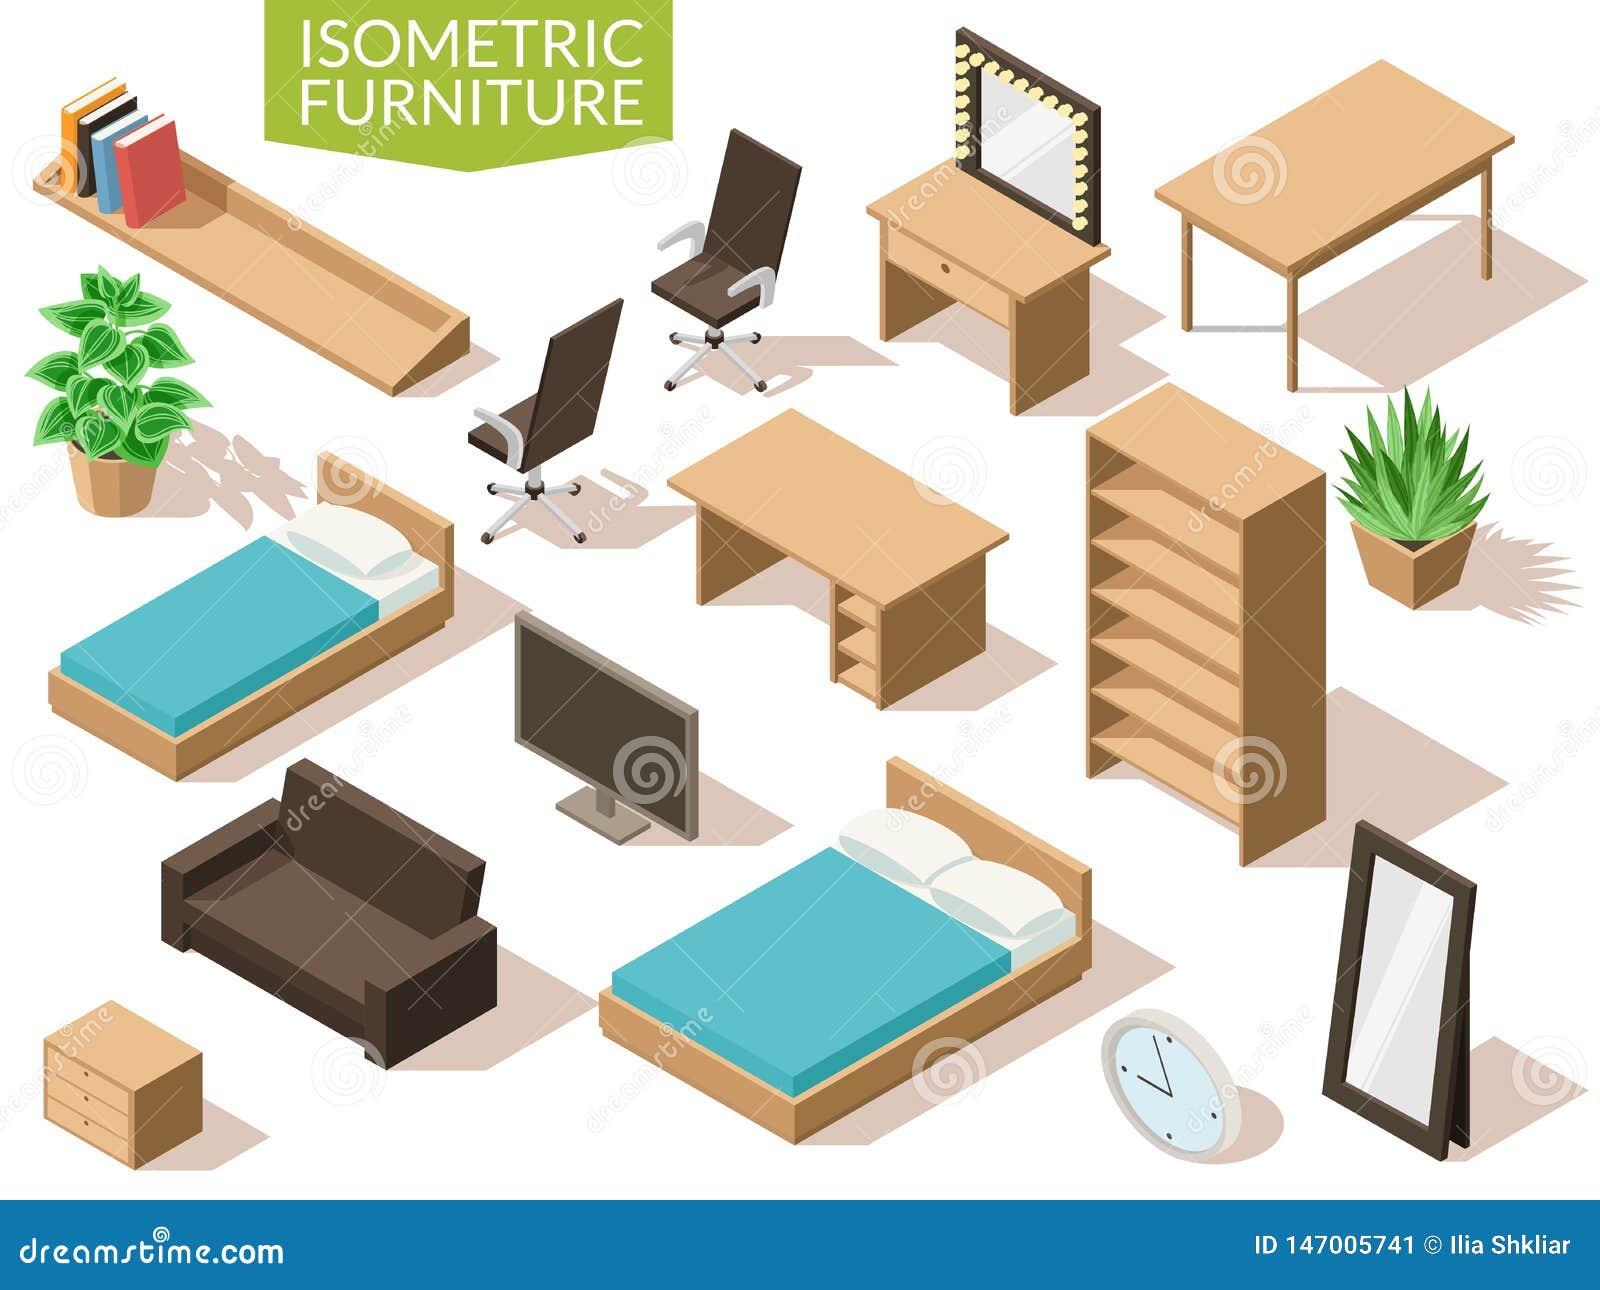 Ensemble de salon isométrique de meubles Meubles isométriques de salon dans la gamme brun clair avec la table de chaise de bureau